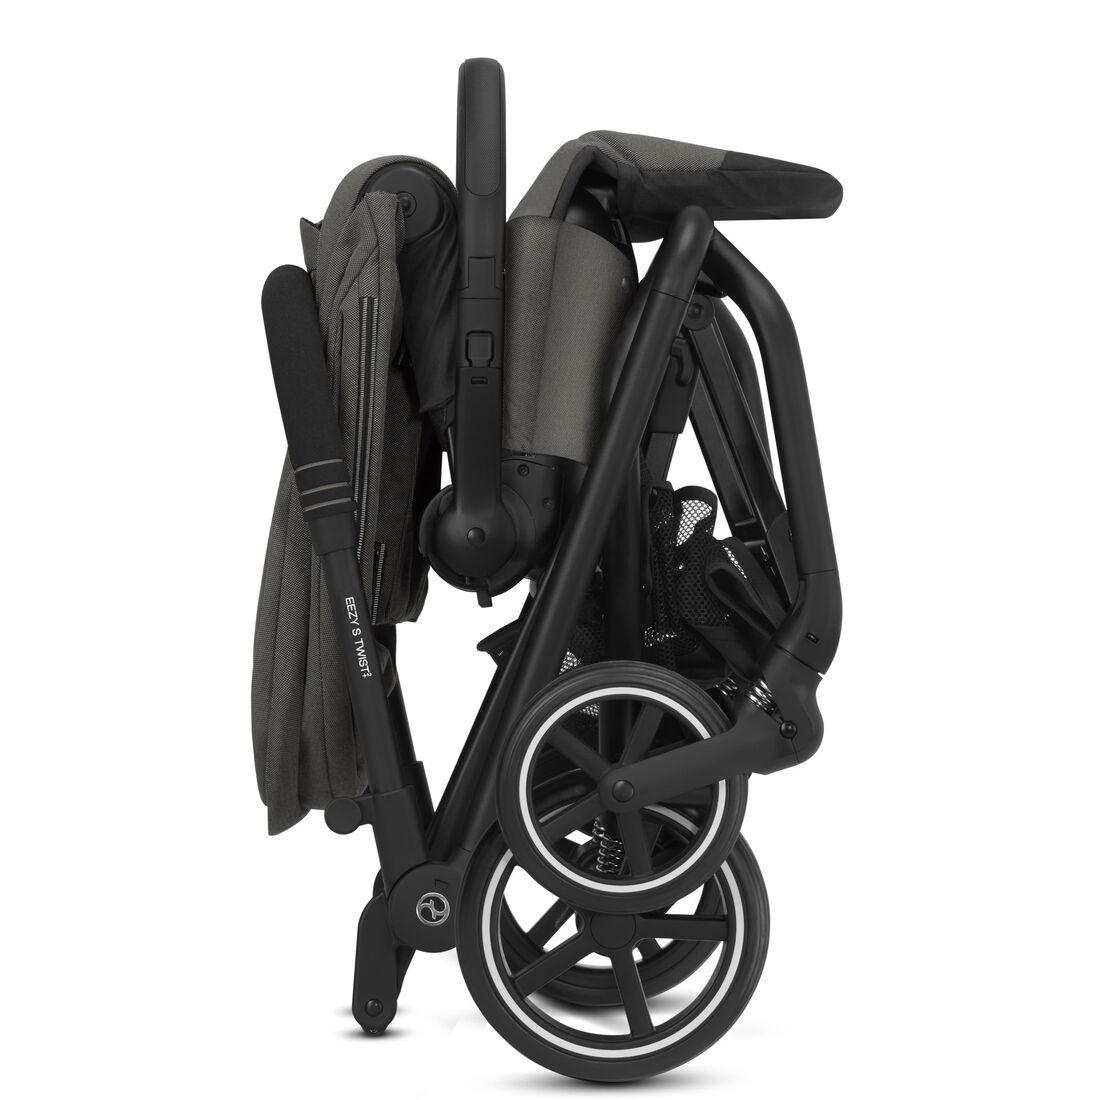 CYBEX Eezy S Twist+2 - Soho Grey (Schwarzer Rahmen) in Soho Grey (Black Frame) large Bild 4